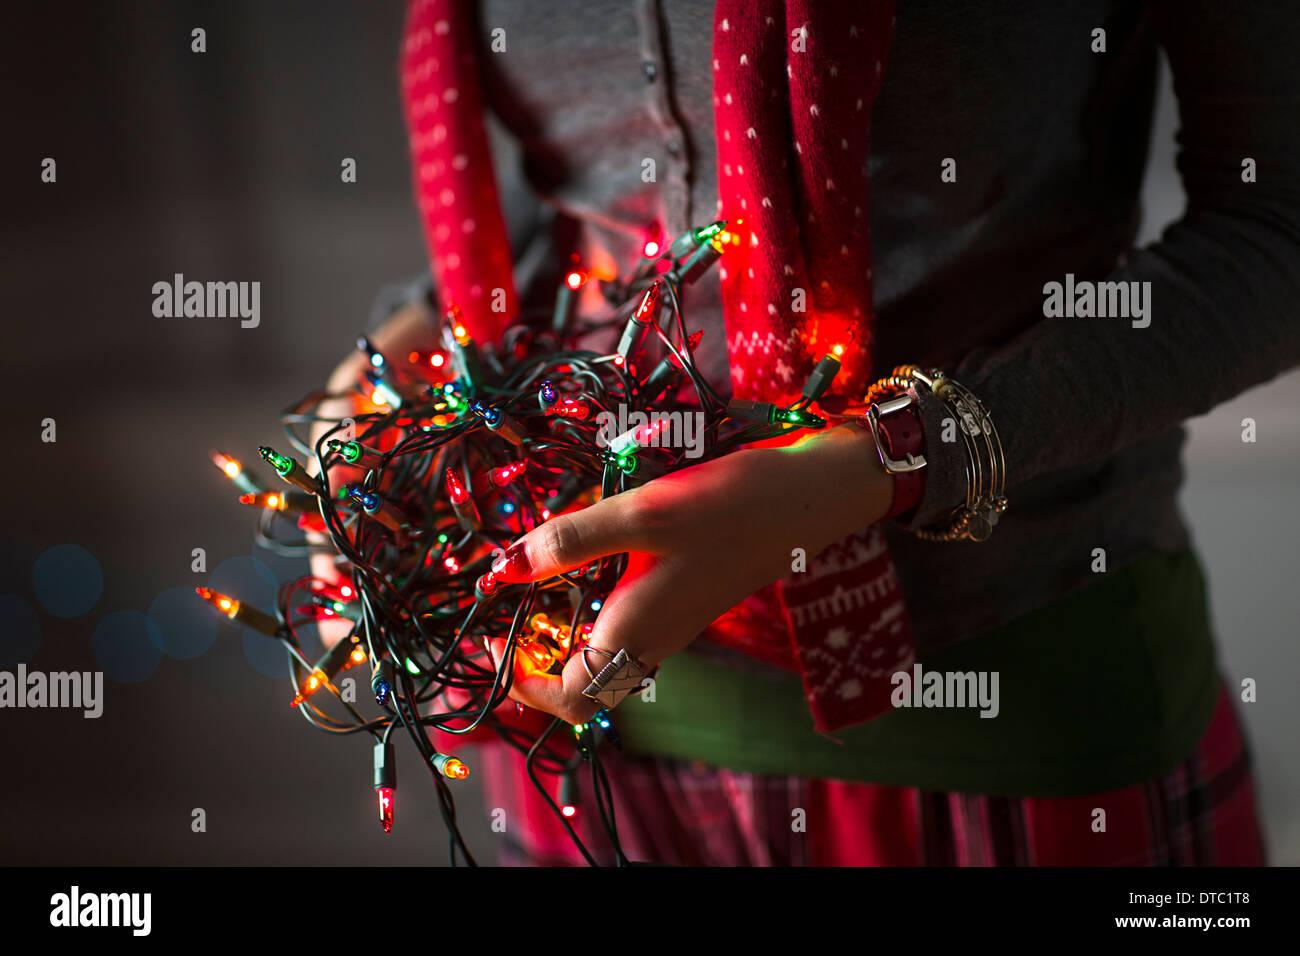 Cerca de joven mujer sosteniendo maraña de luces de Navidad Imagen De Stock